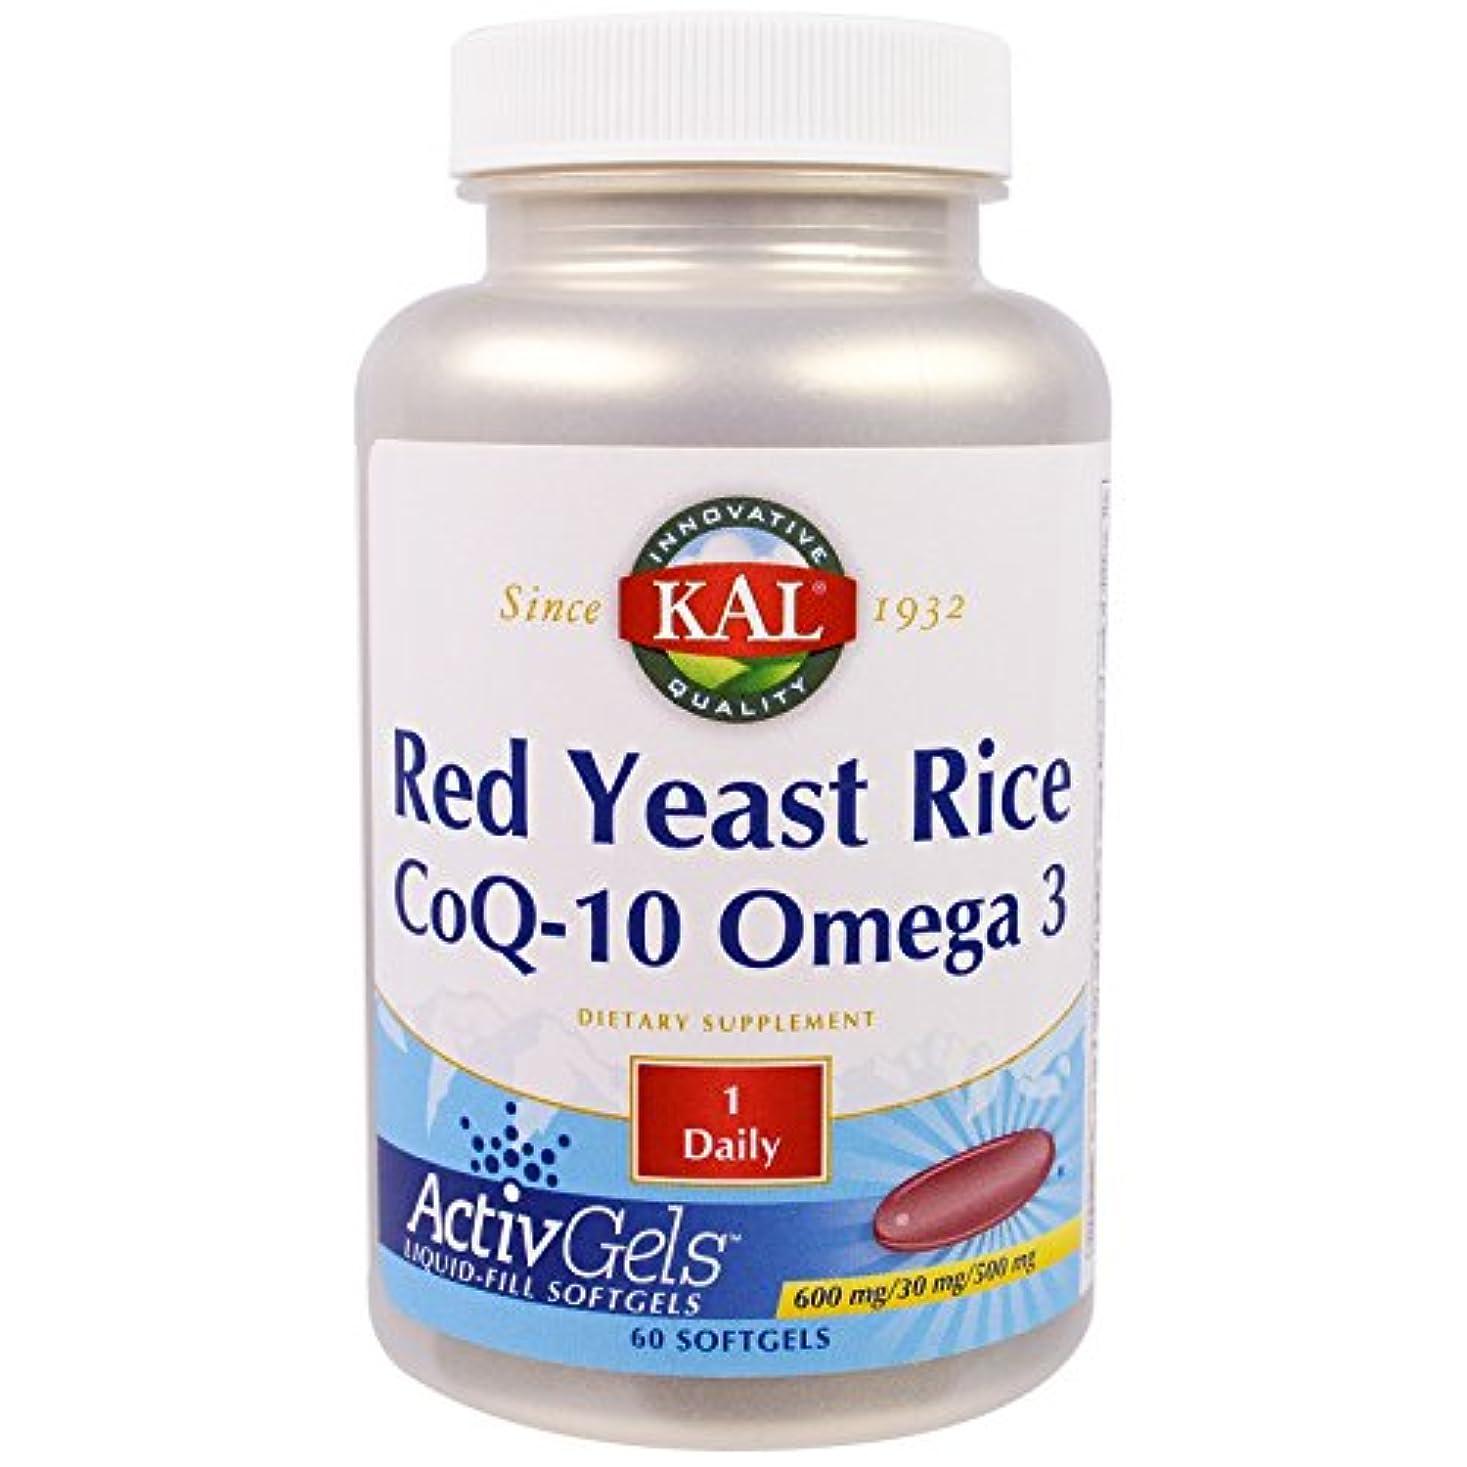 ムスタチオ過ち周り紅麹(ベニコウジ)米&コエンザイムQ10 + オメガ3 EPA/DHA 60粒[海外直送品]